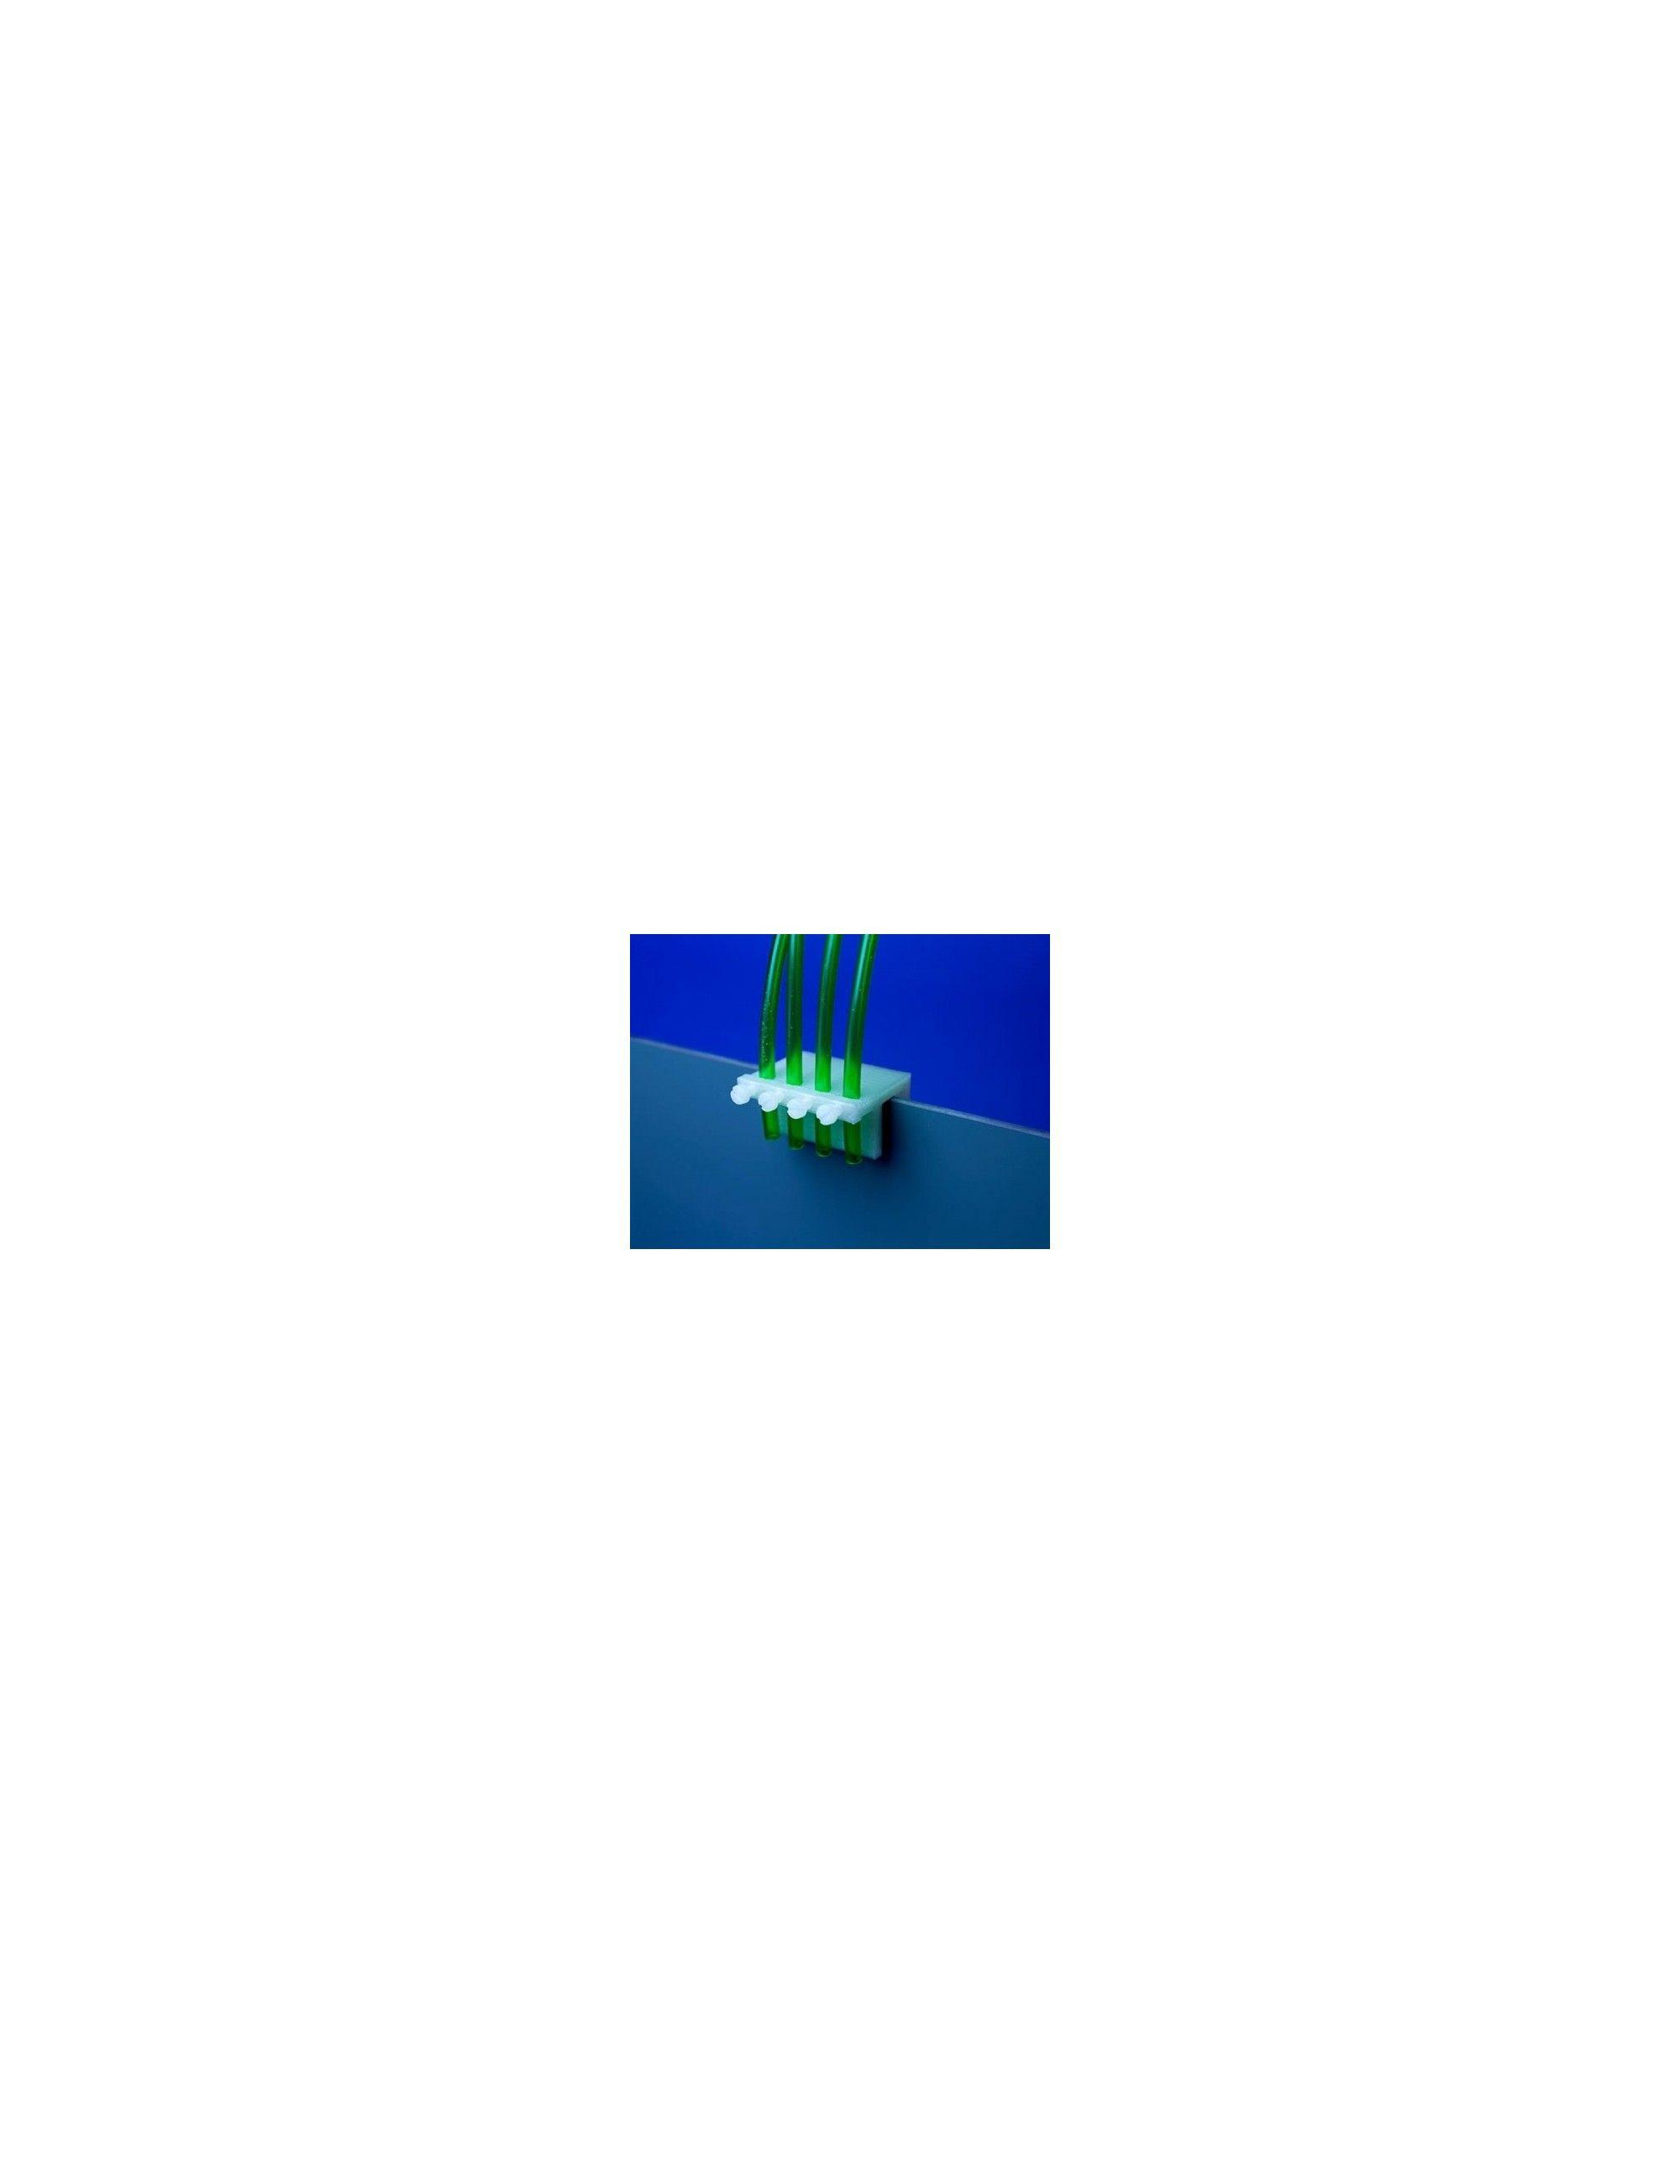 AQUACONNECT - Support de fixation pour tuyaux de pompes doseuses